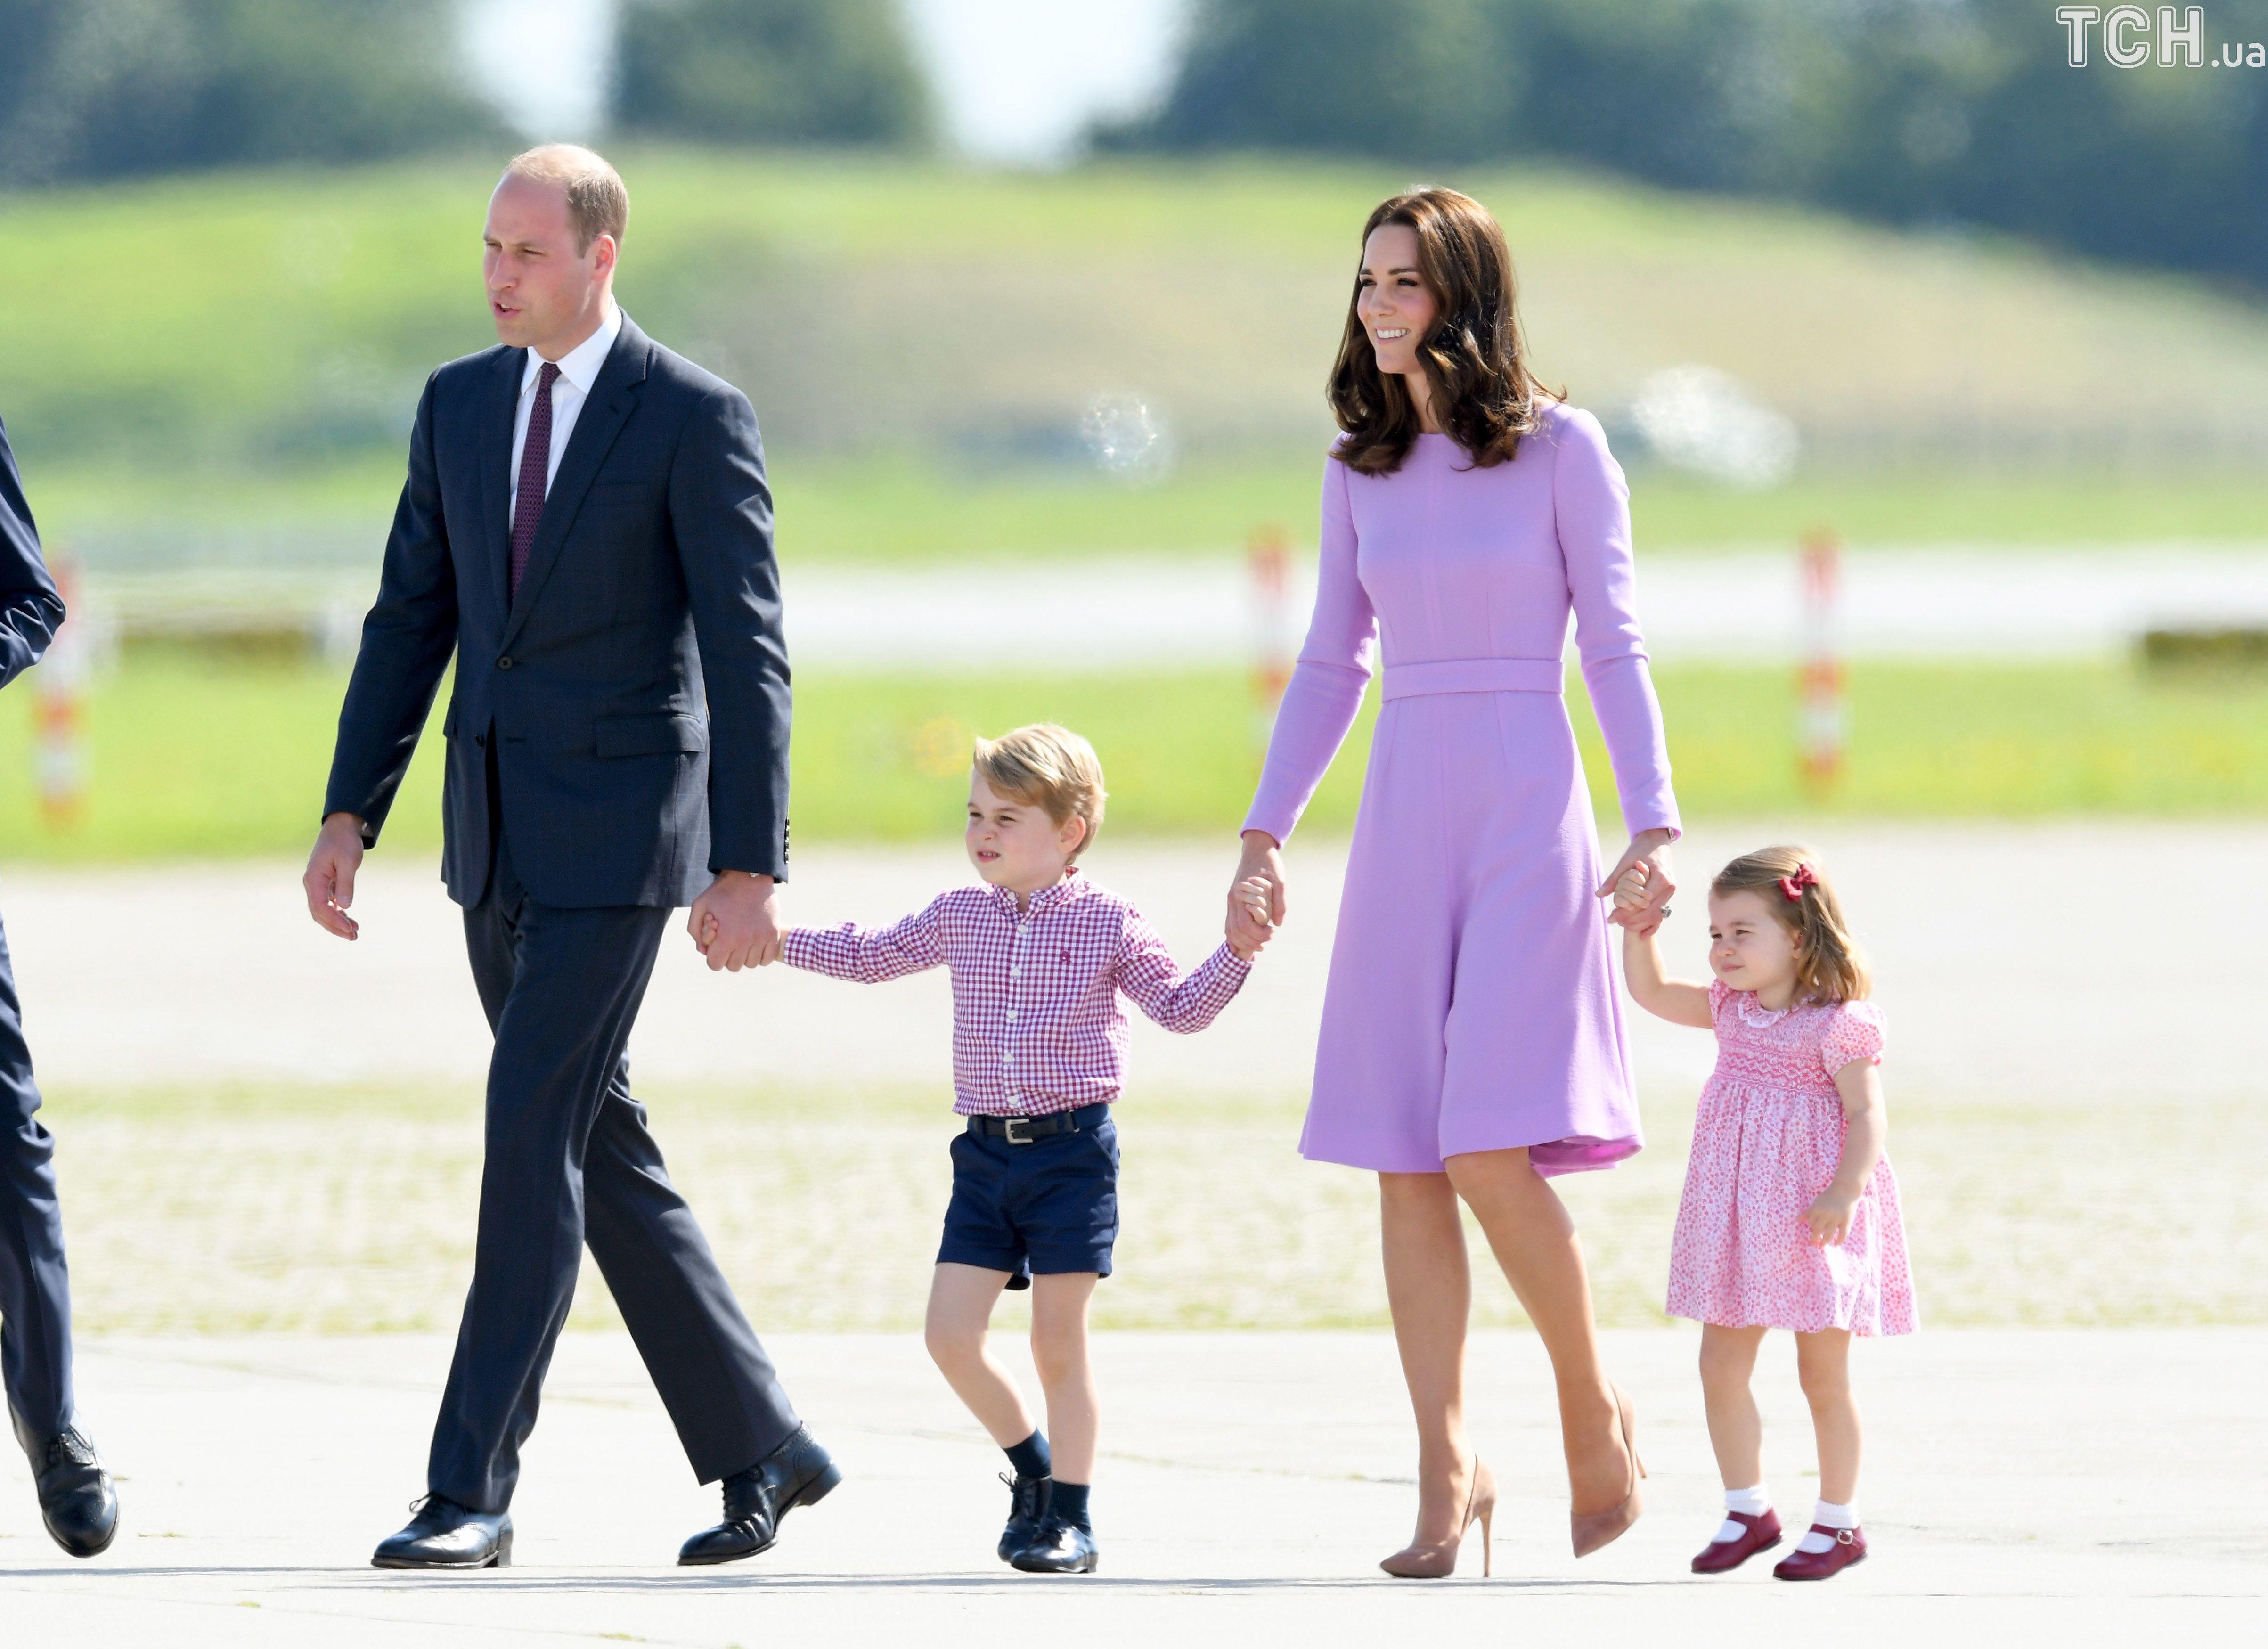 Принц Вільям та Кейт Міддлтон_2